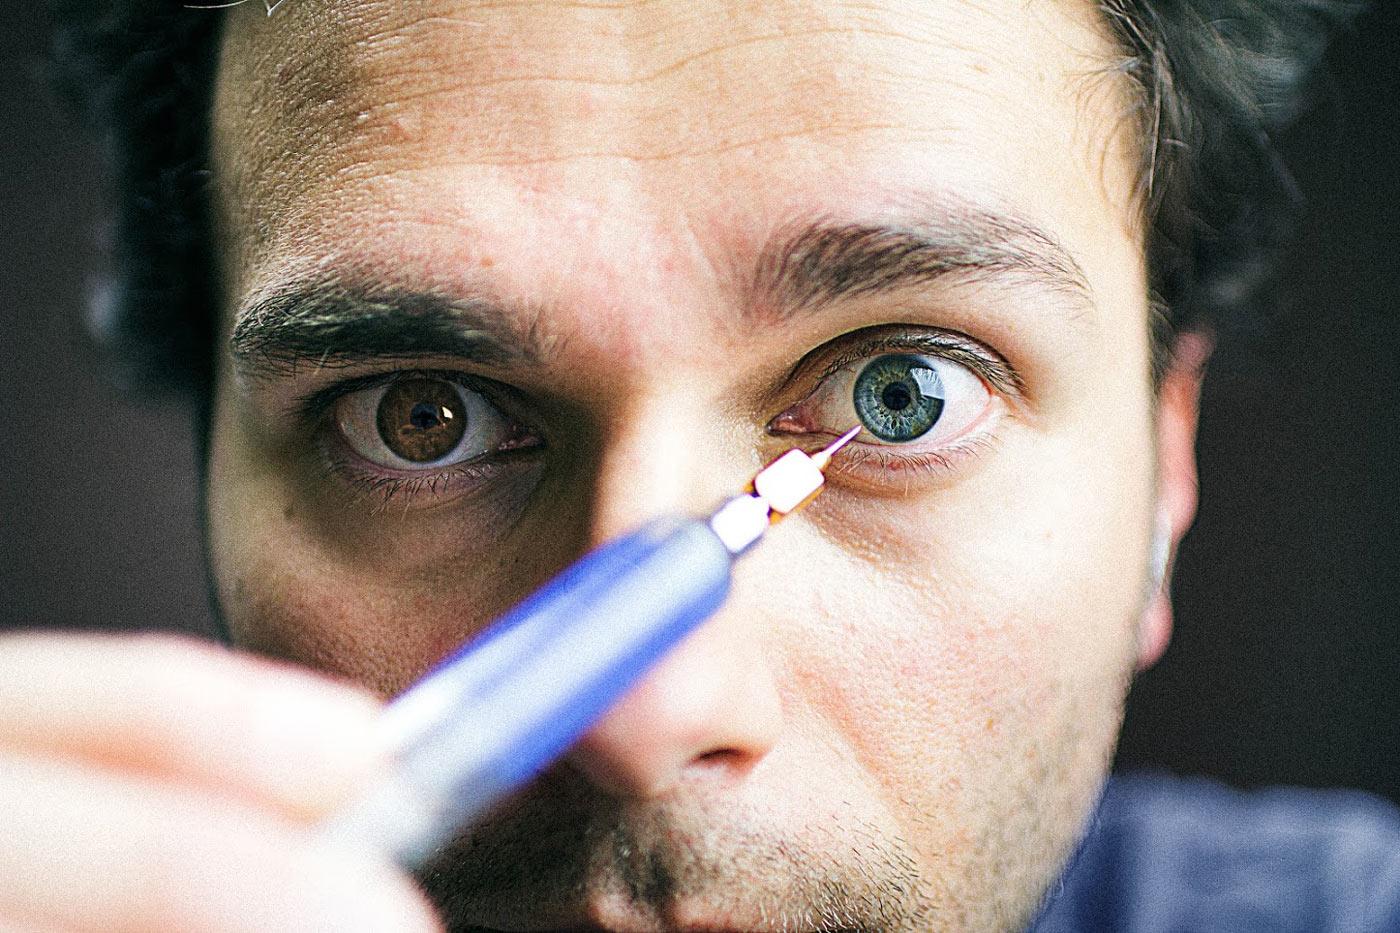 autorretrato inyectandome color azul en los ojos